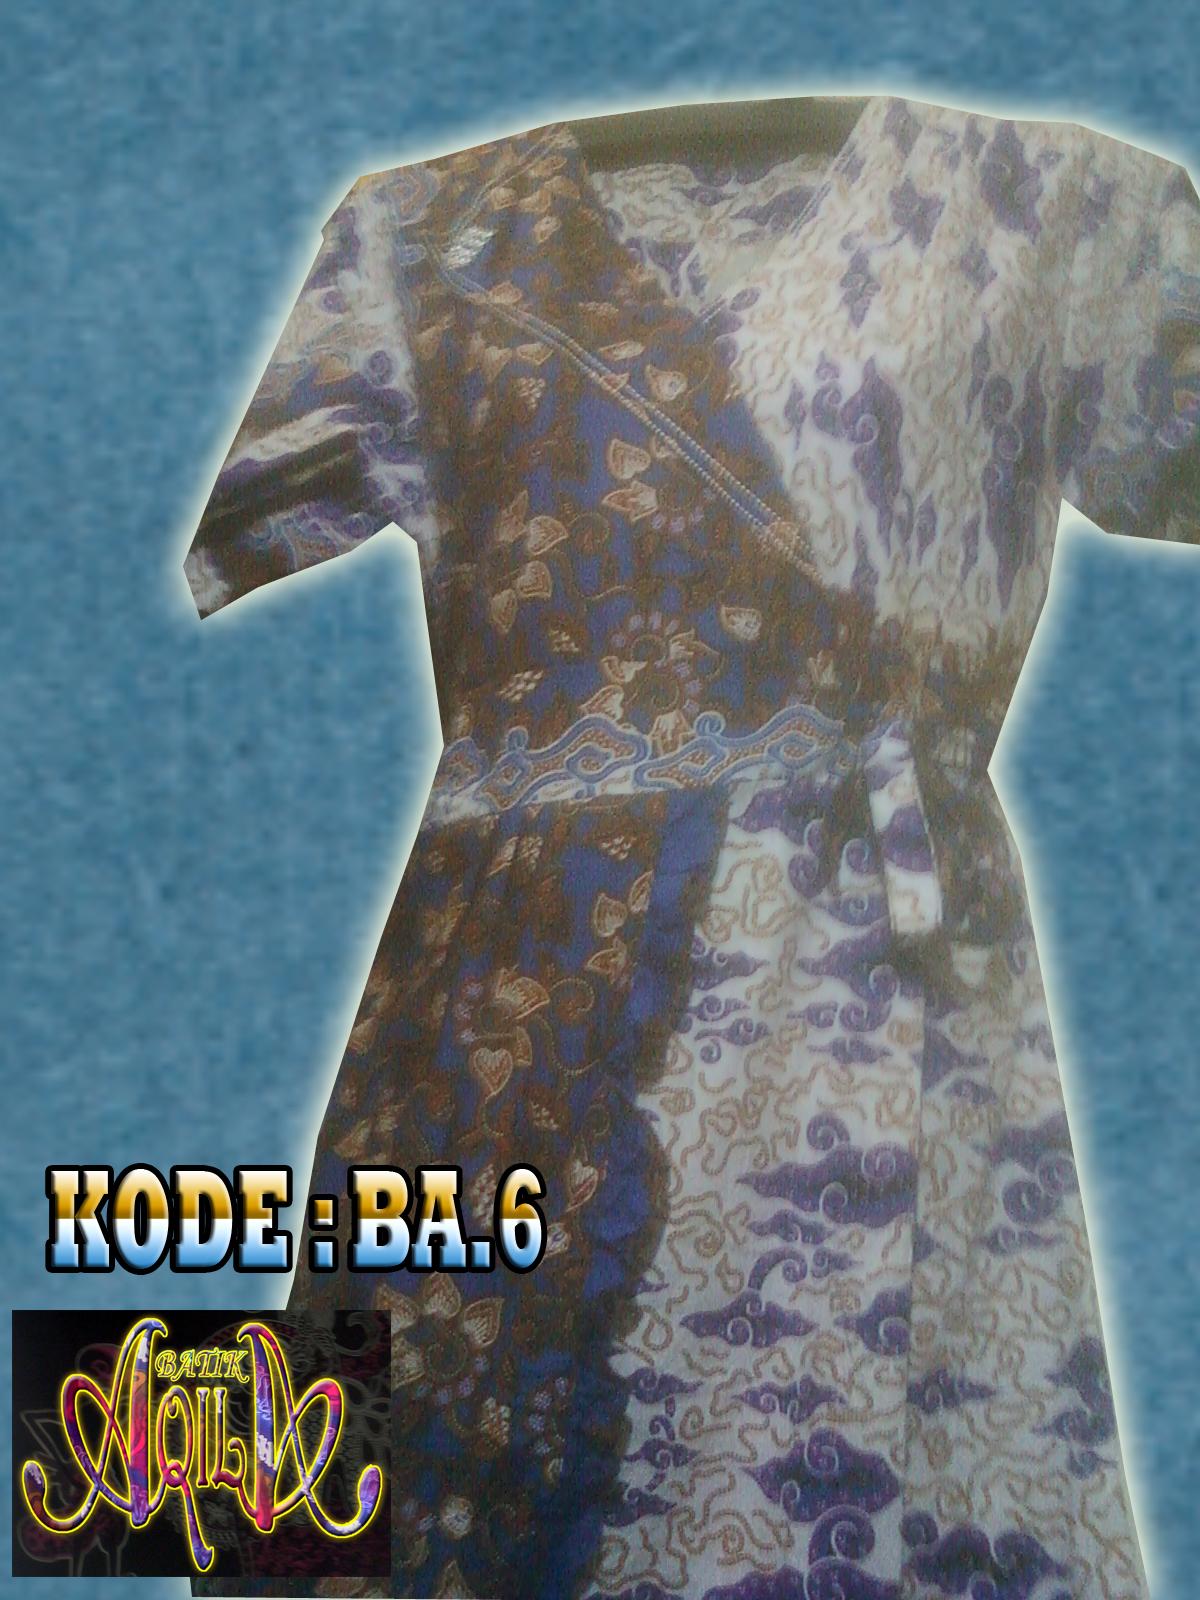 BAJU ATASAN BATIK WANITA KODE BA6, Batik Halus, tidak Panas dipakai, cocok untuk digunakan sebagai baju harian anda untuk waktu bersantai anda. SPECIAL PRICE Rp. 55.000/potong, informasi hubungi : 085742125550 (Indosat) / 082329133113 (Telkomsel) , http://batikaqila.blogspot.com